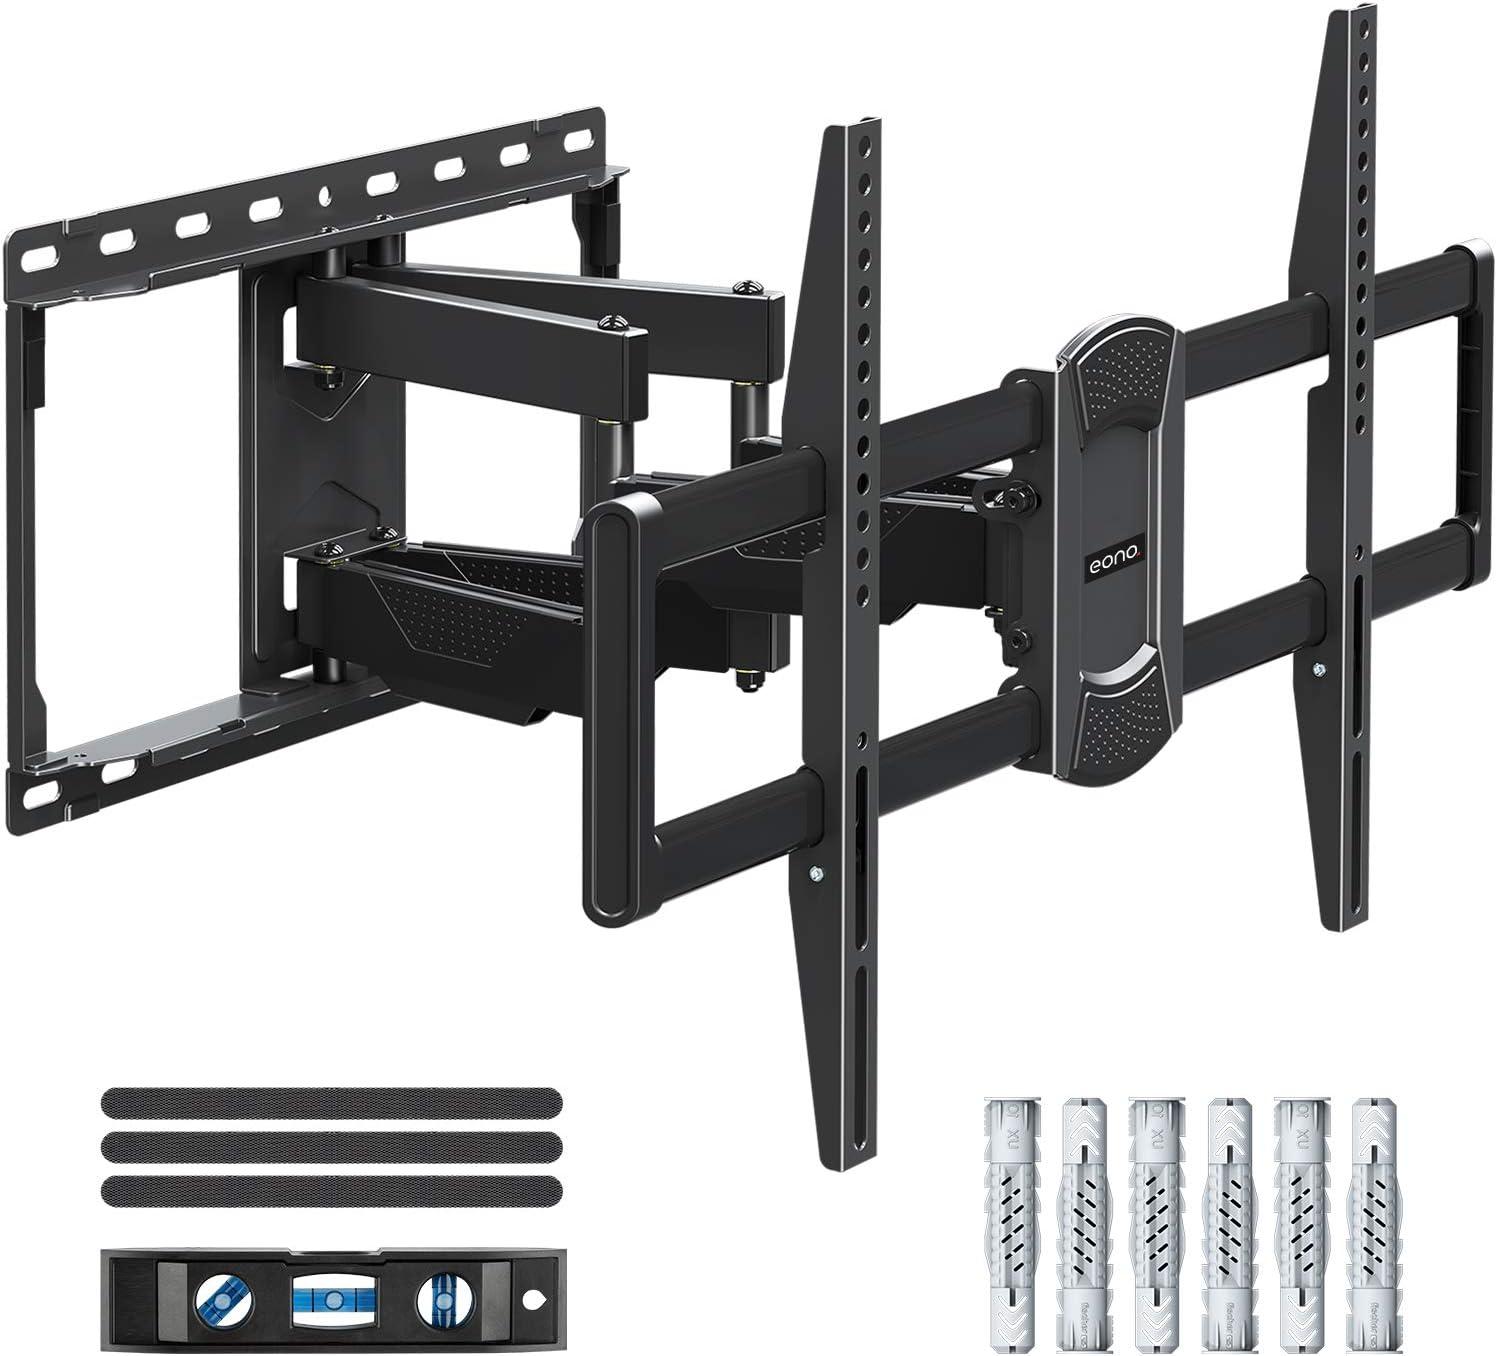 Eono by Amazon - Soporte de Pared TV Giratorio Inclinable para Muchos 42-70 Pulgadas Televisores de LED, LCD, OLED con VESA Entre 200x100 y 600x400 mm y 45,5kg, Soporte TV de Articulado